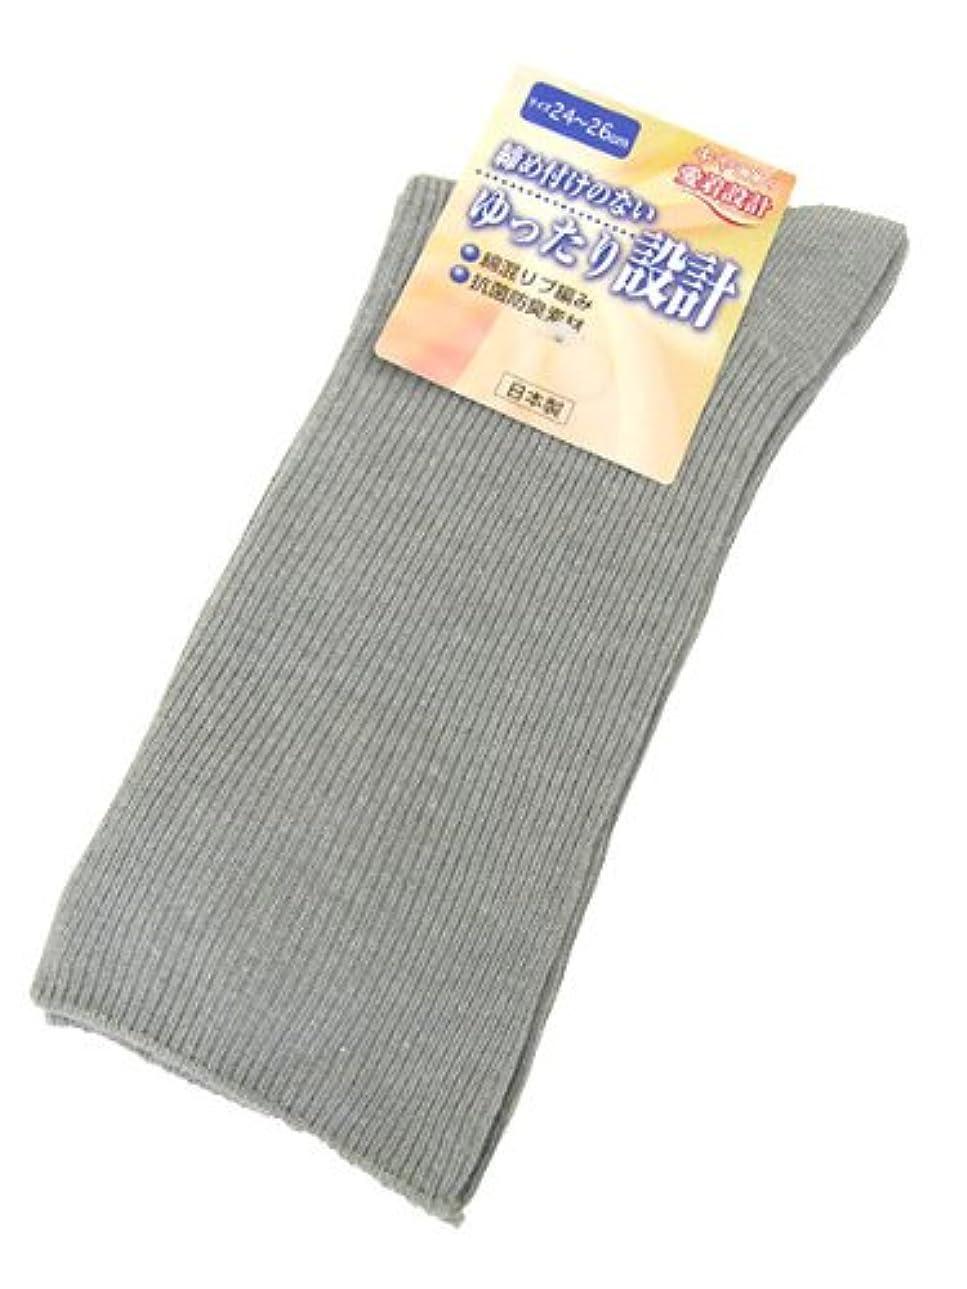 クマノミ結果として債務ゆったり設計ソックス綿混リブ 紳士用 ライトグレー